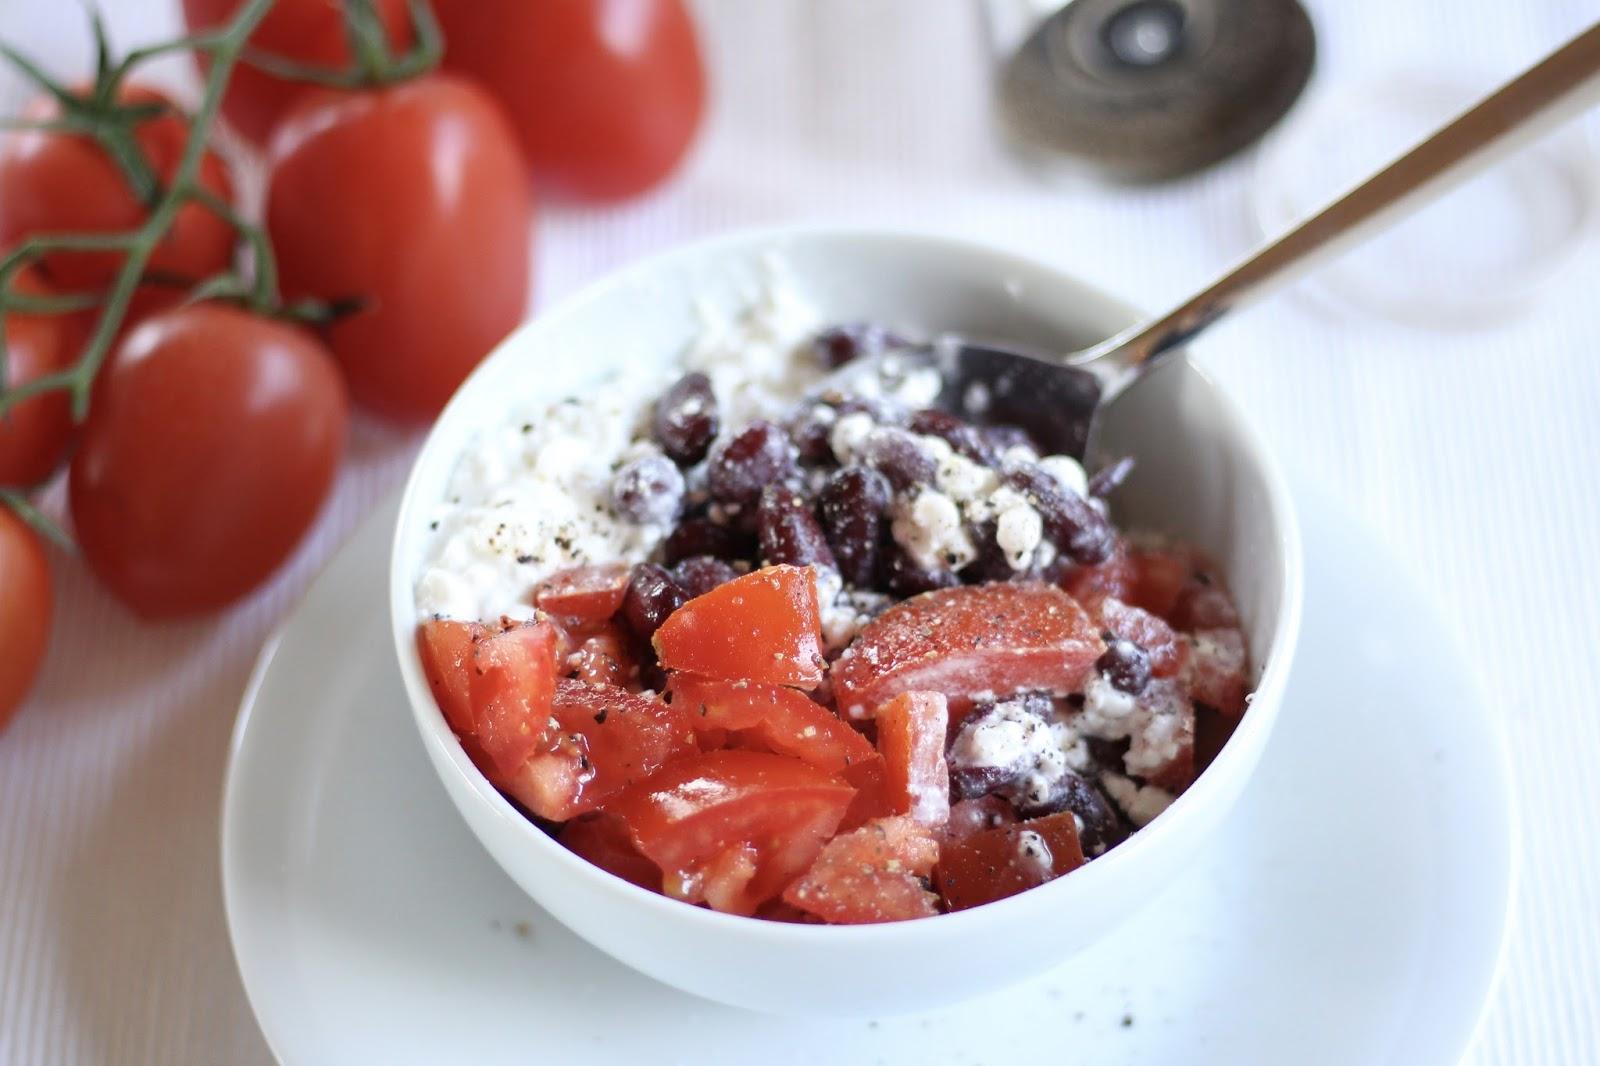 Schnelle Protein-Schale: Kidneybohnen, Tomaten, Hüttenkäse und etwas Pfeffer und Salz!